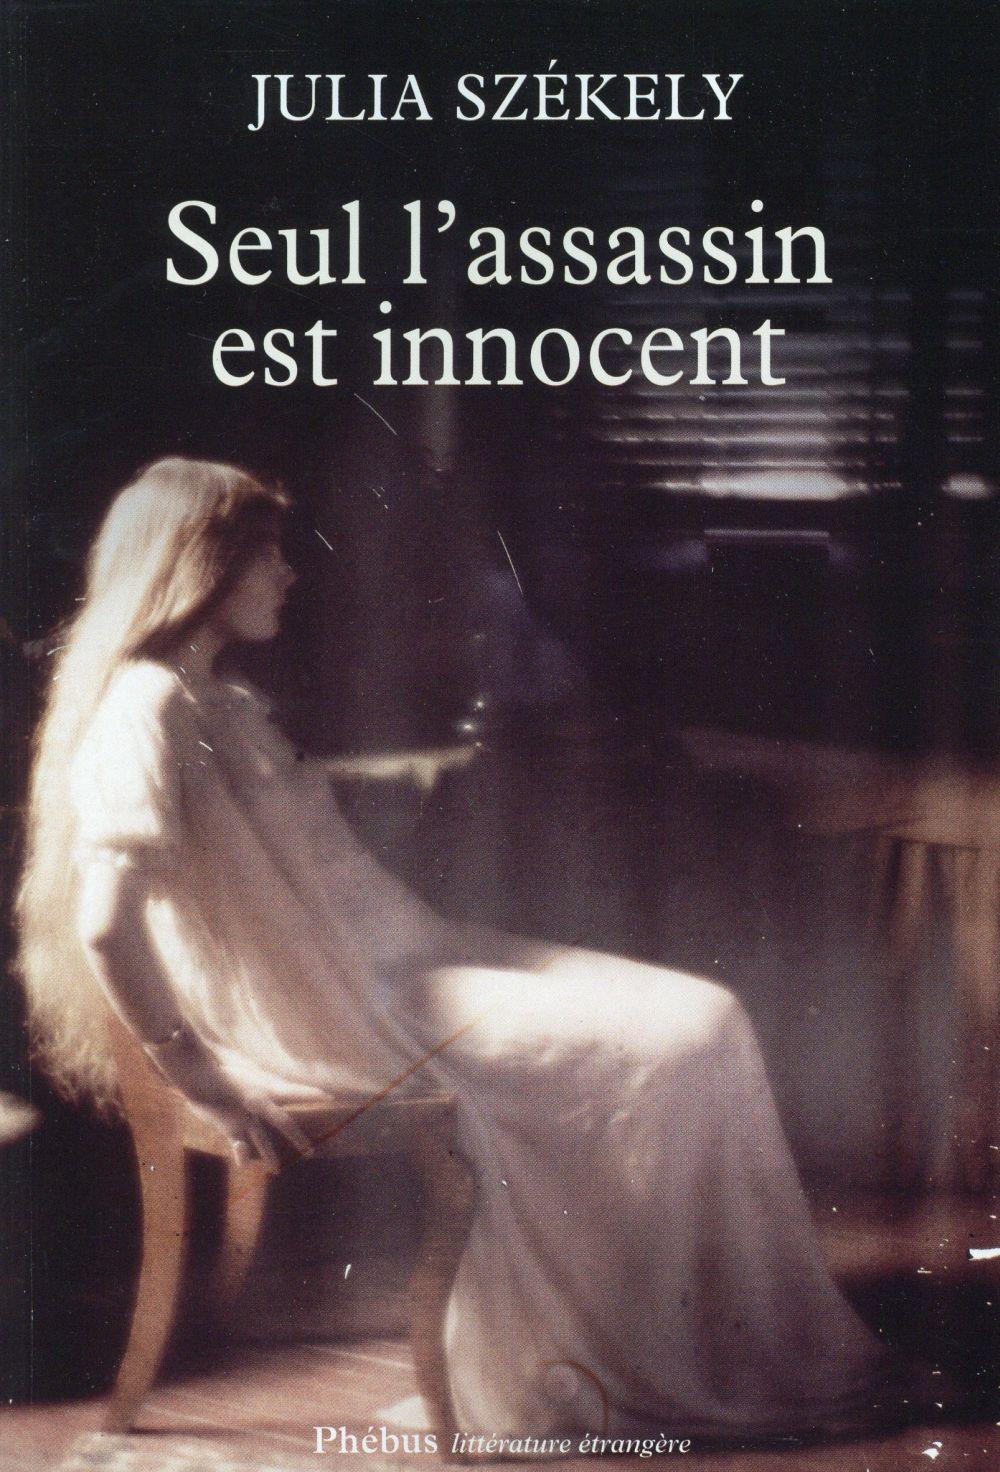 Seul l'assassin est innocent